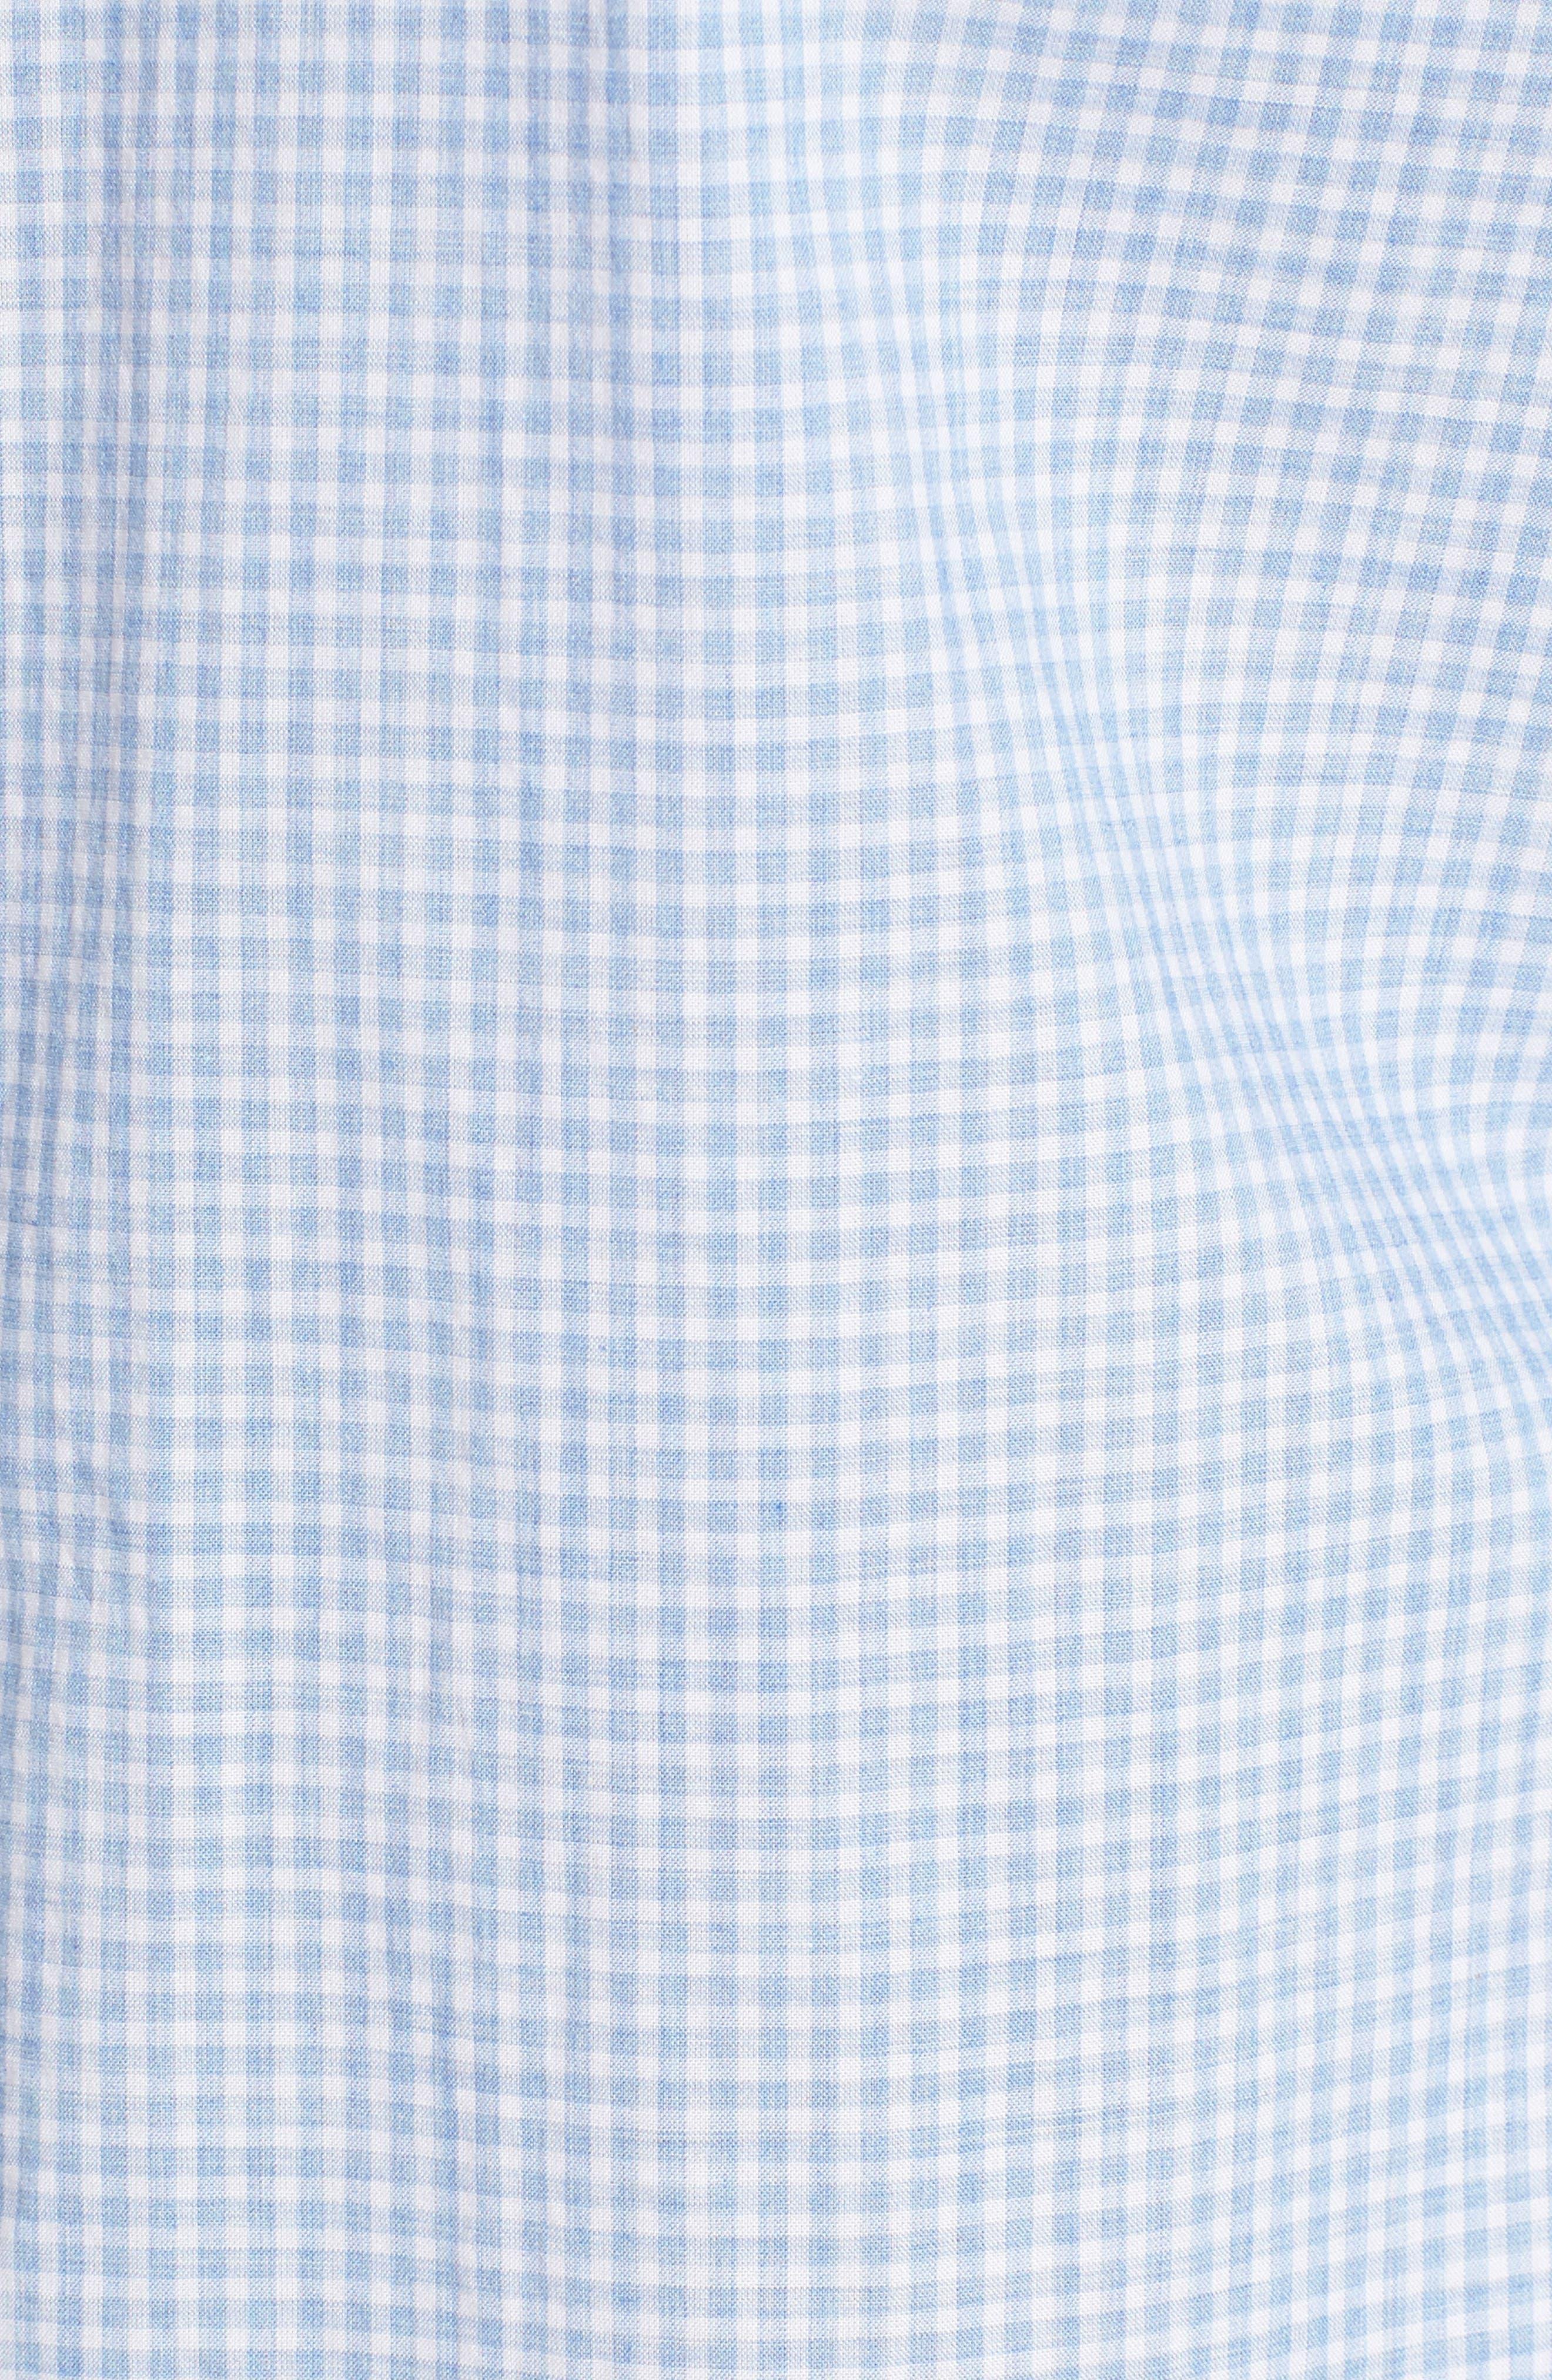 McGarry Gingham Sport Shirt,                             Alternate thumbnail 5, color,                             Light Blue